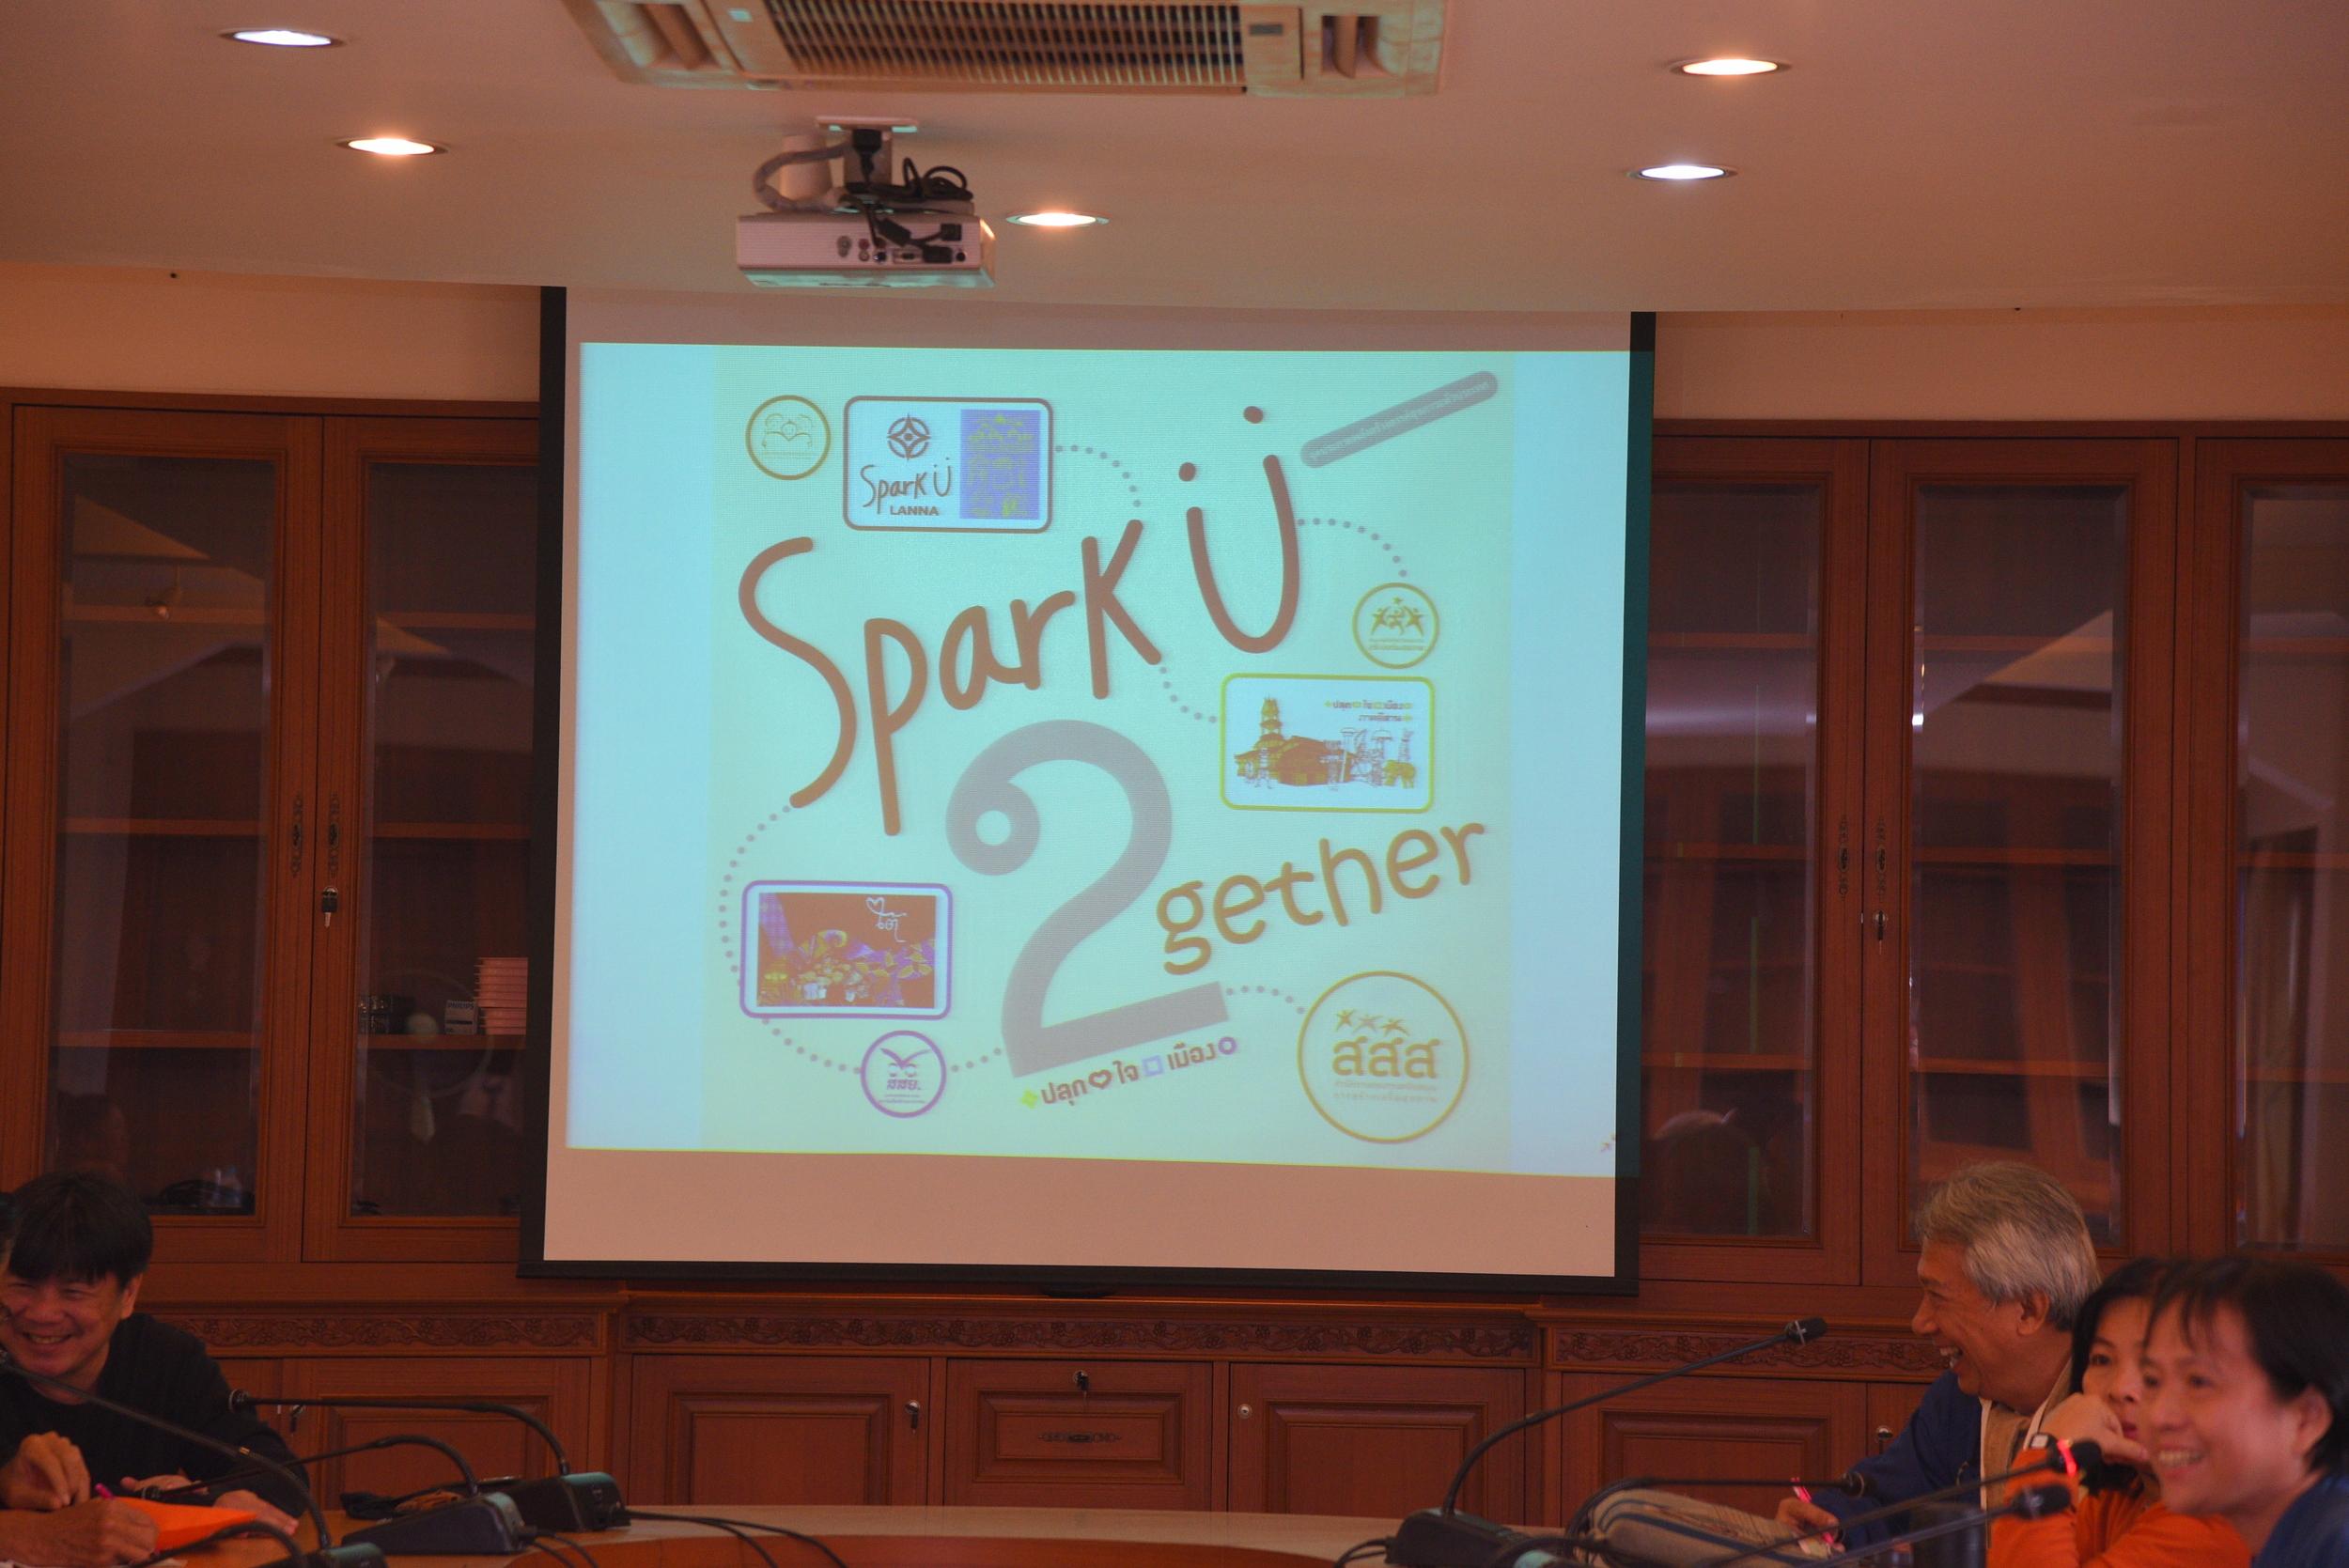 Spark U เชียงใหม่ สู่เมืองมรดกโลก thaihealth